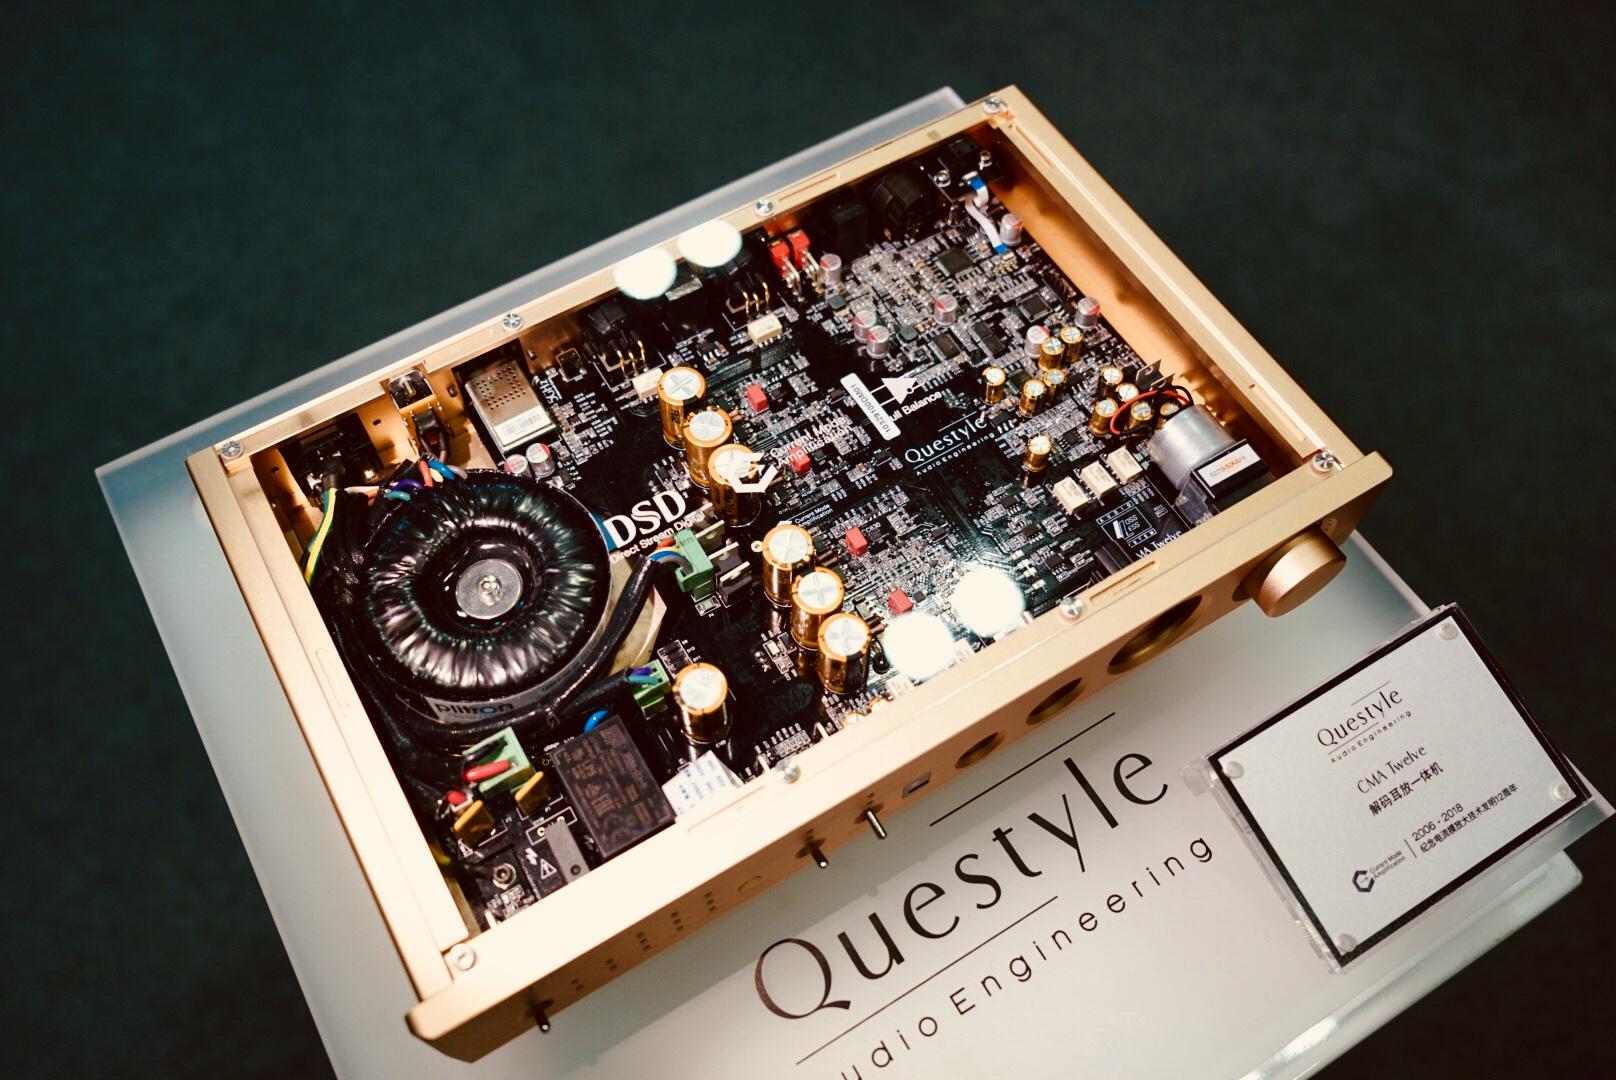 Questyle CMA Twelve